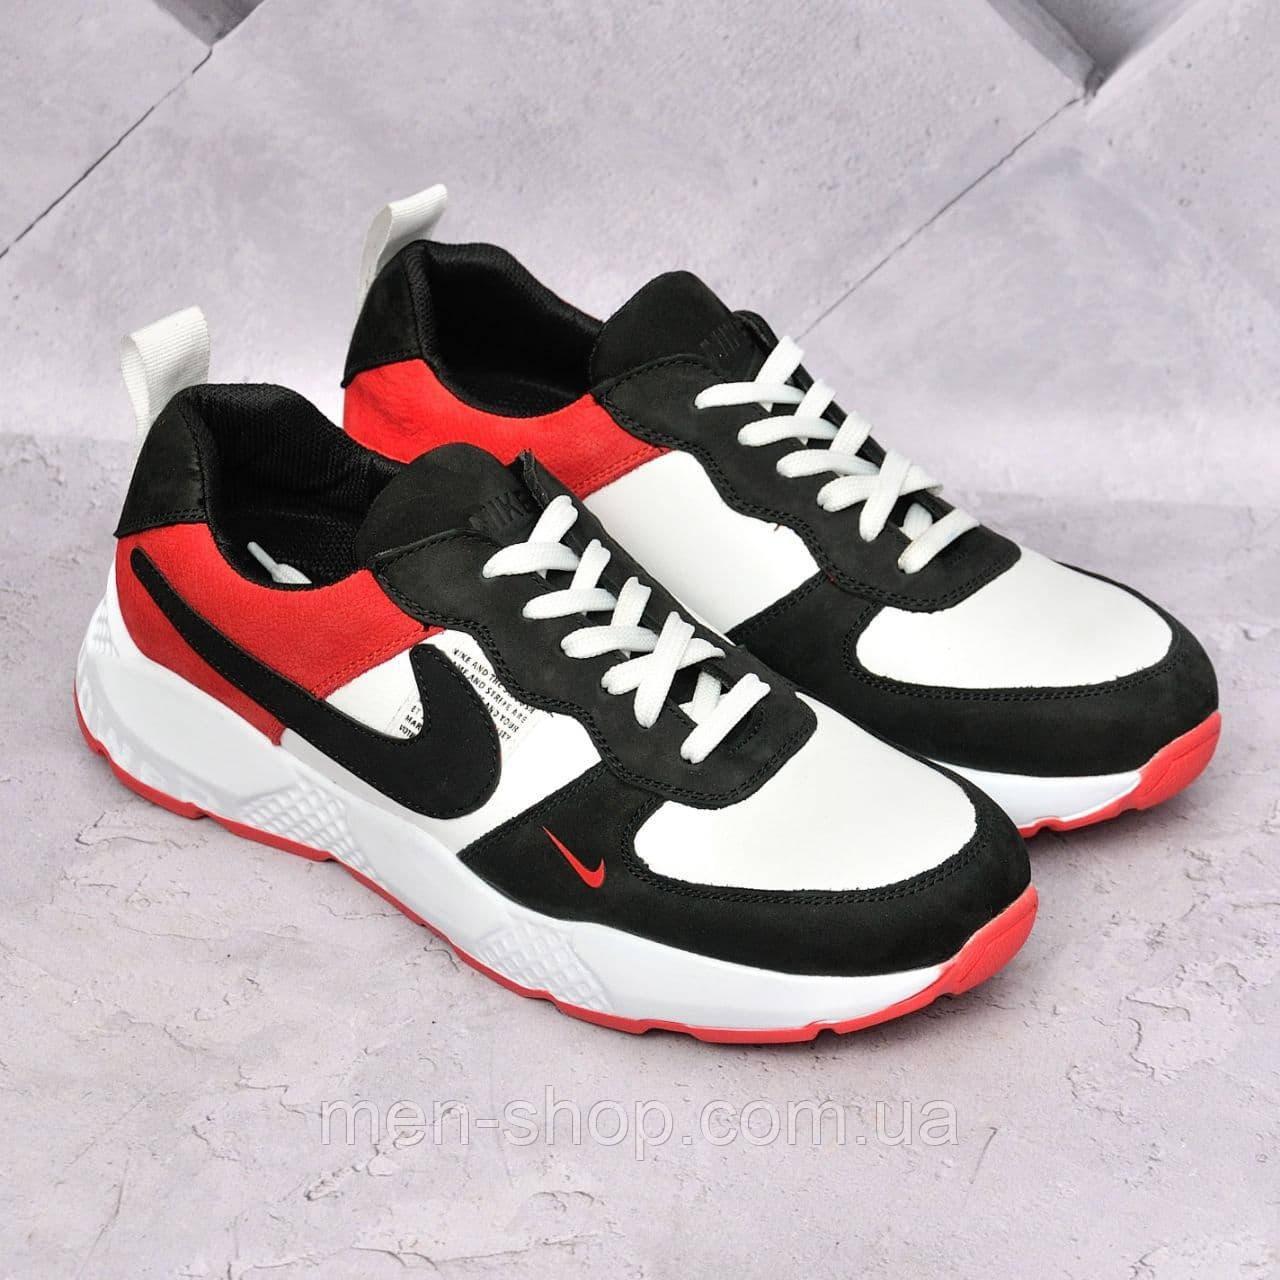 Мужские кожаные кроссовки Nike Air